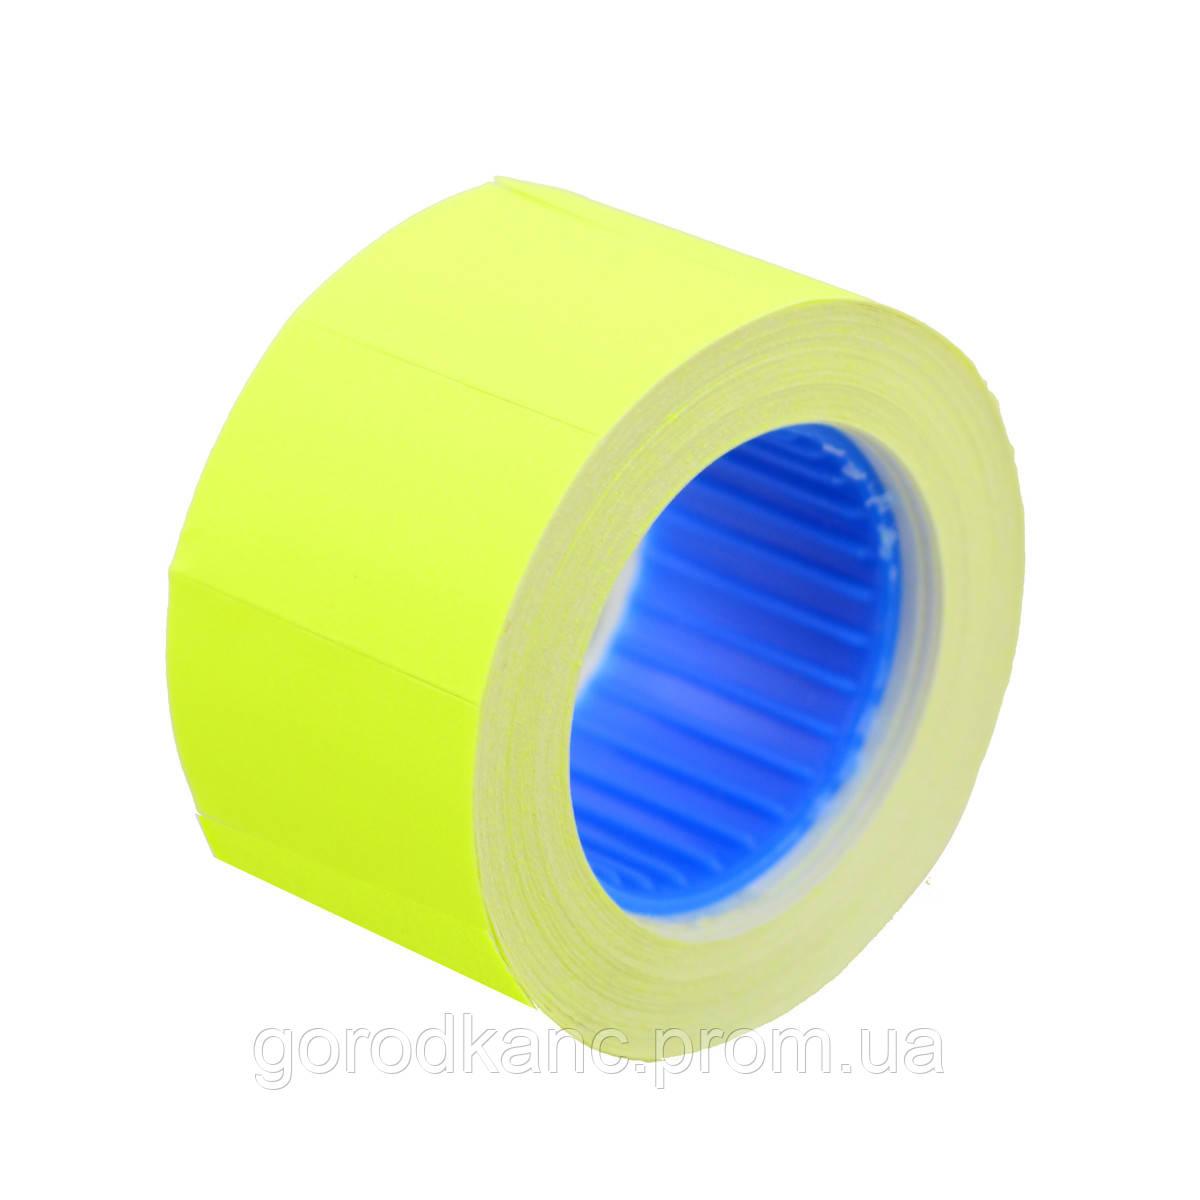 Цінник Datum флюо TCBL2616 5,60м прям.350шт/рол (жовт.) - фото 1